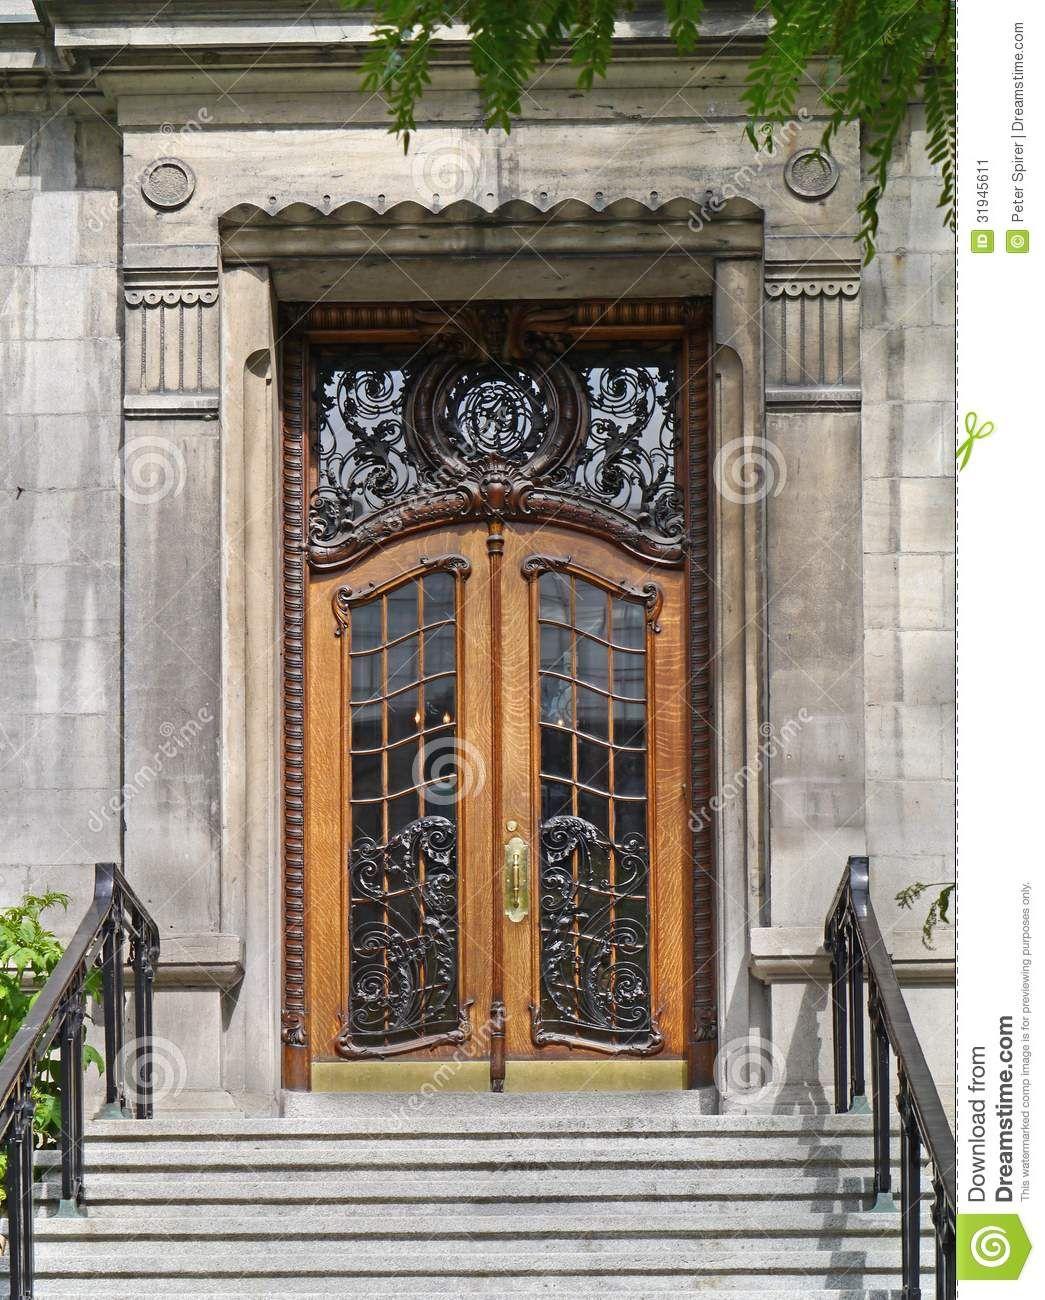 Apartment Building Door elegant-front-door-old-apartment-building-hotel-31945611 (1045